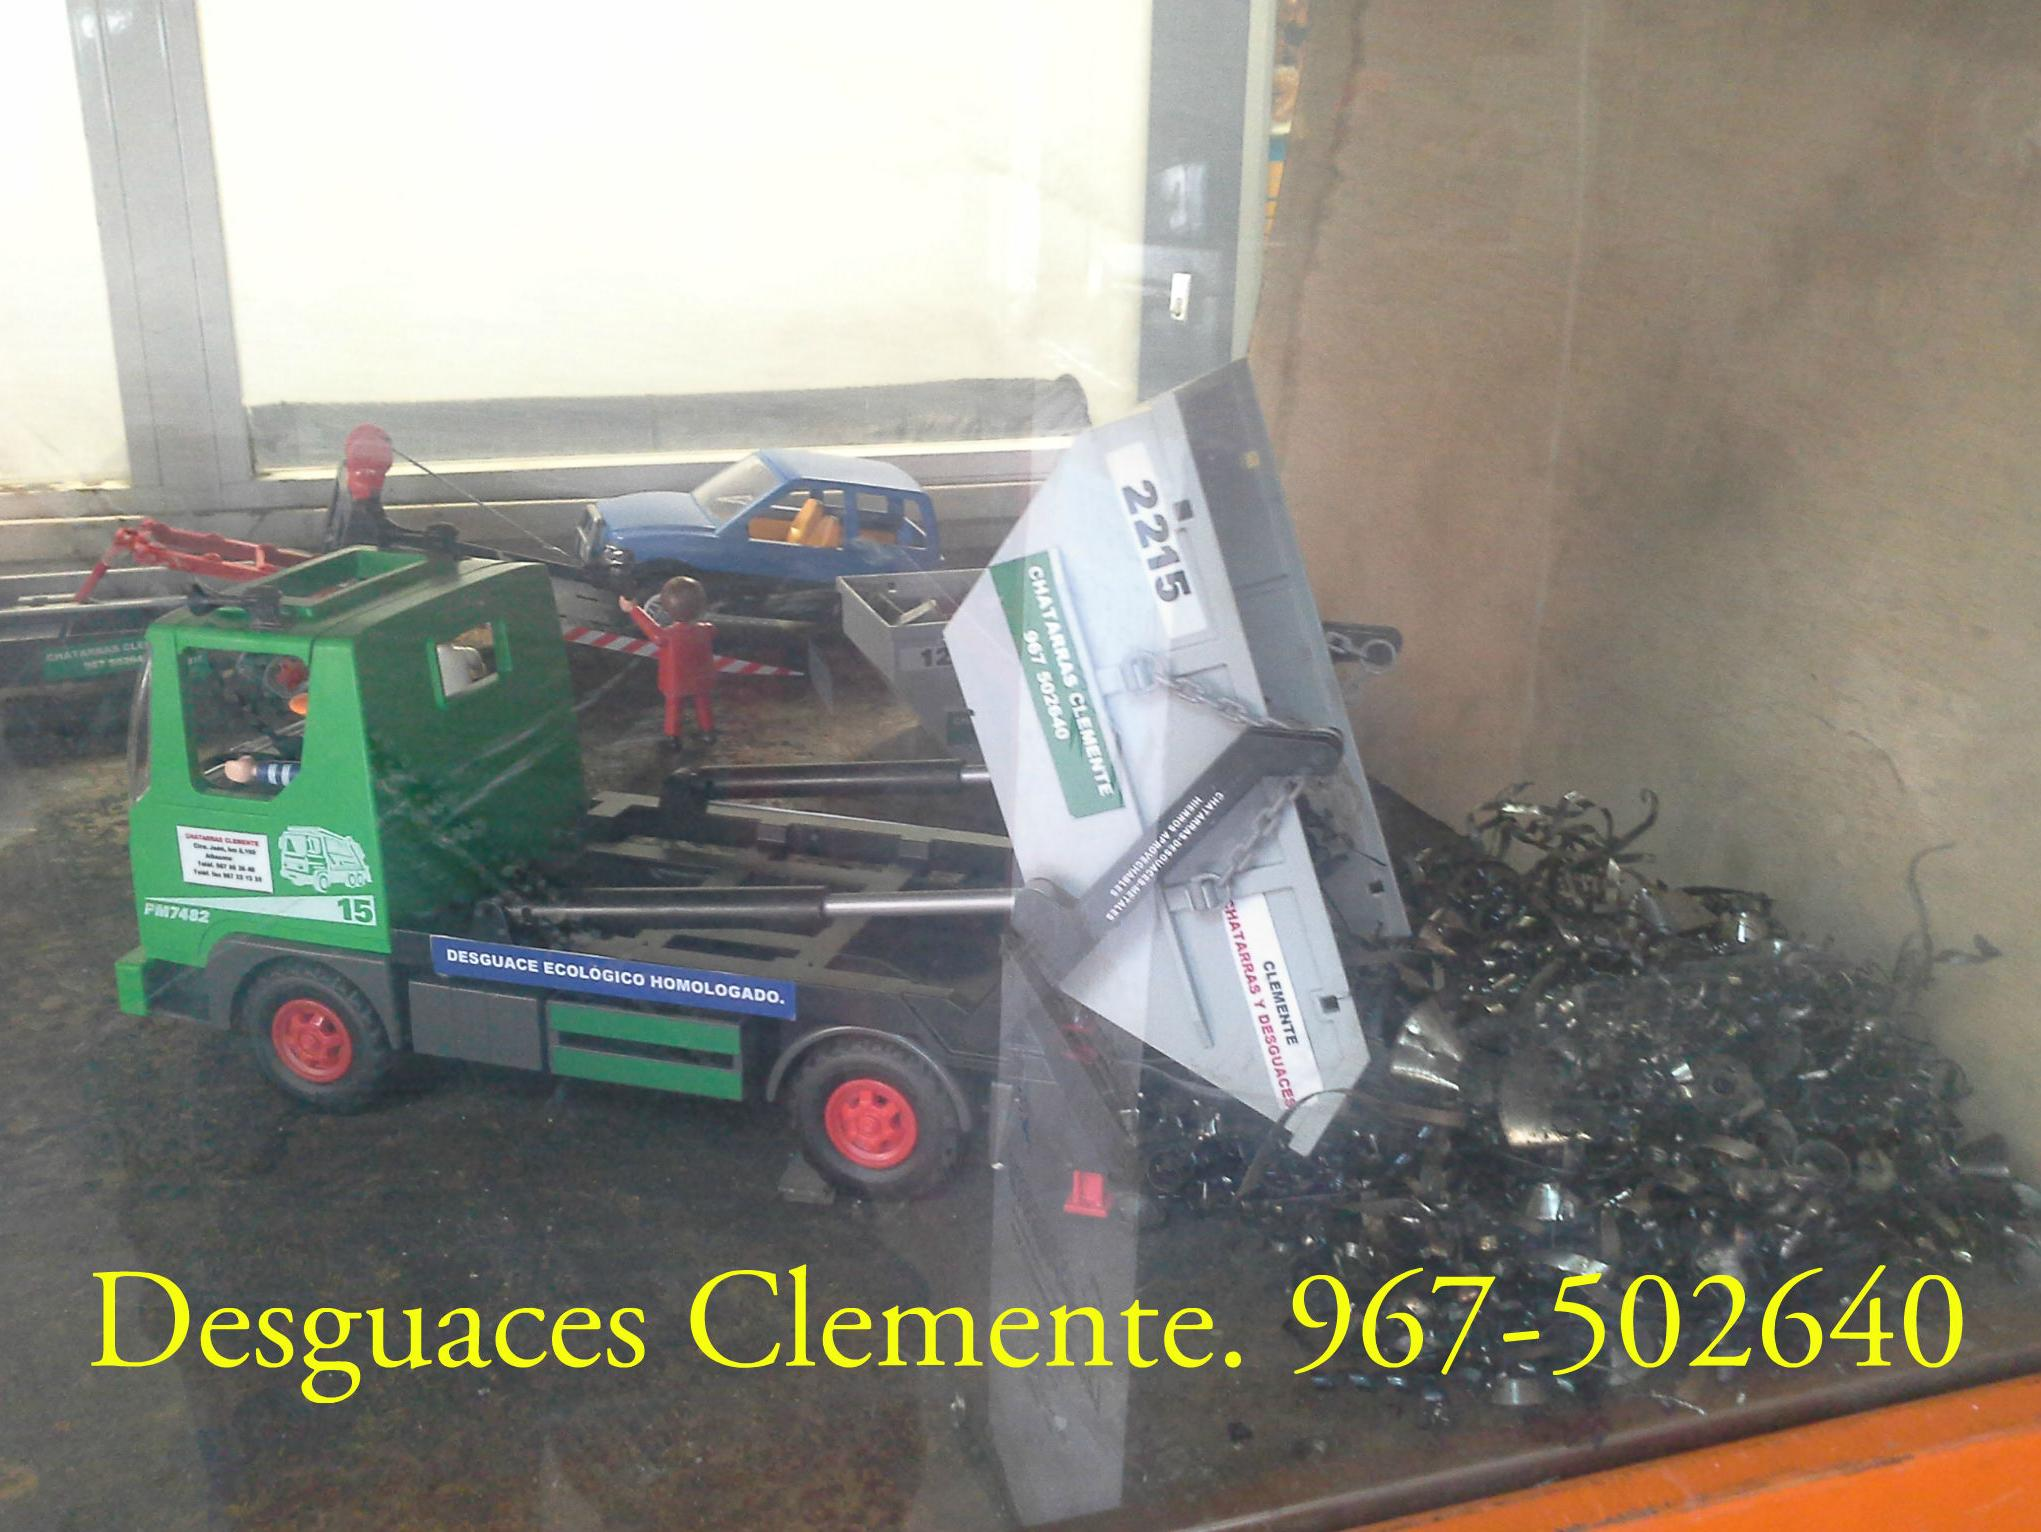 Chatarras y desguaces Clemente. Playmobil. contenedor y grua